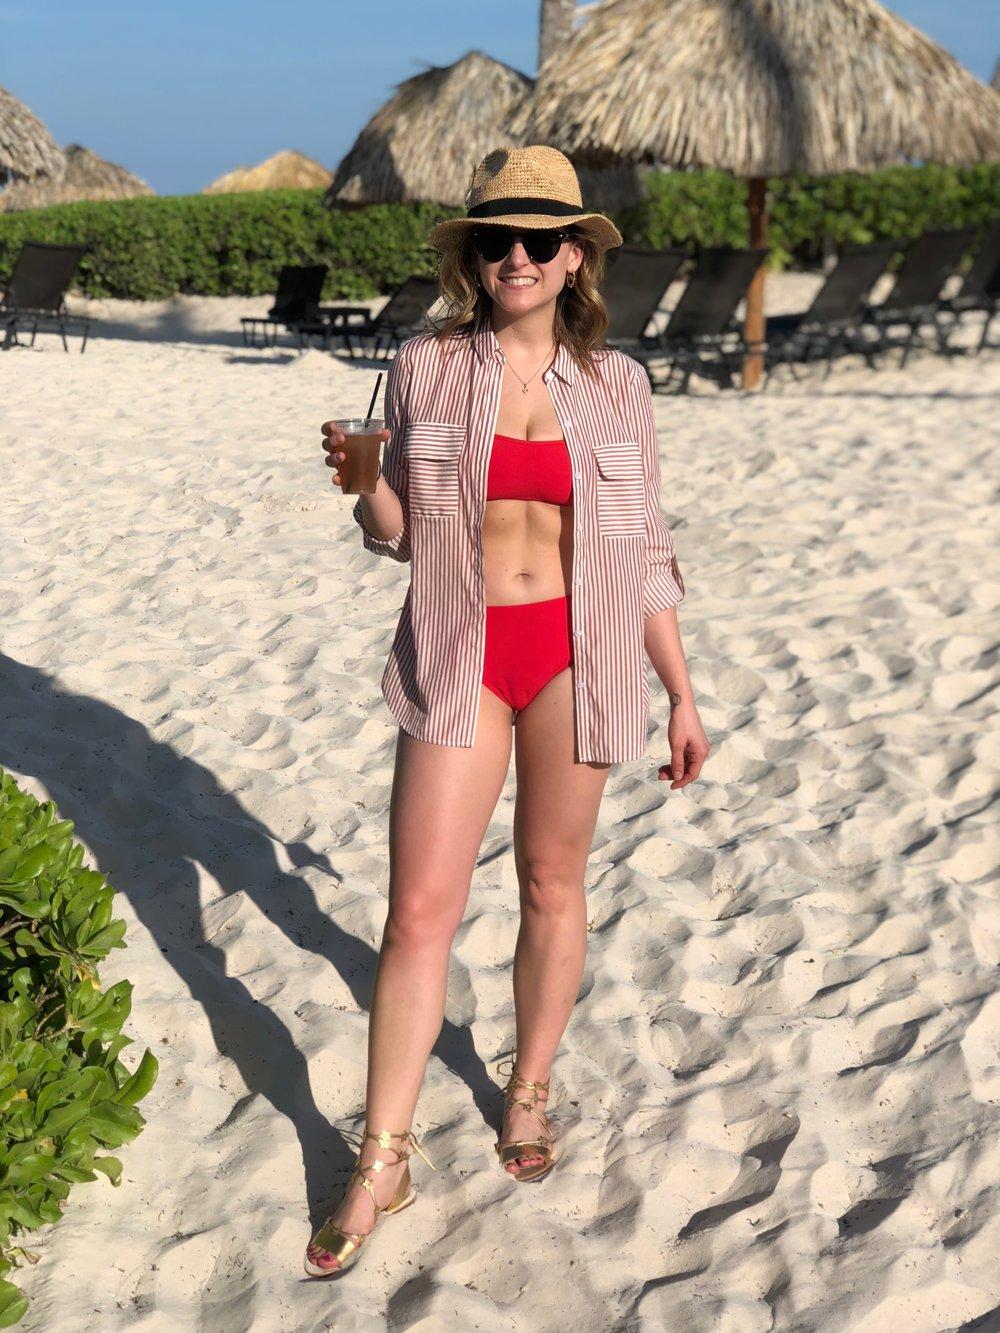 red bikini full.jpg